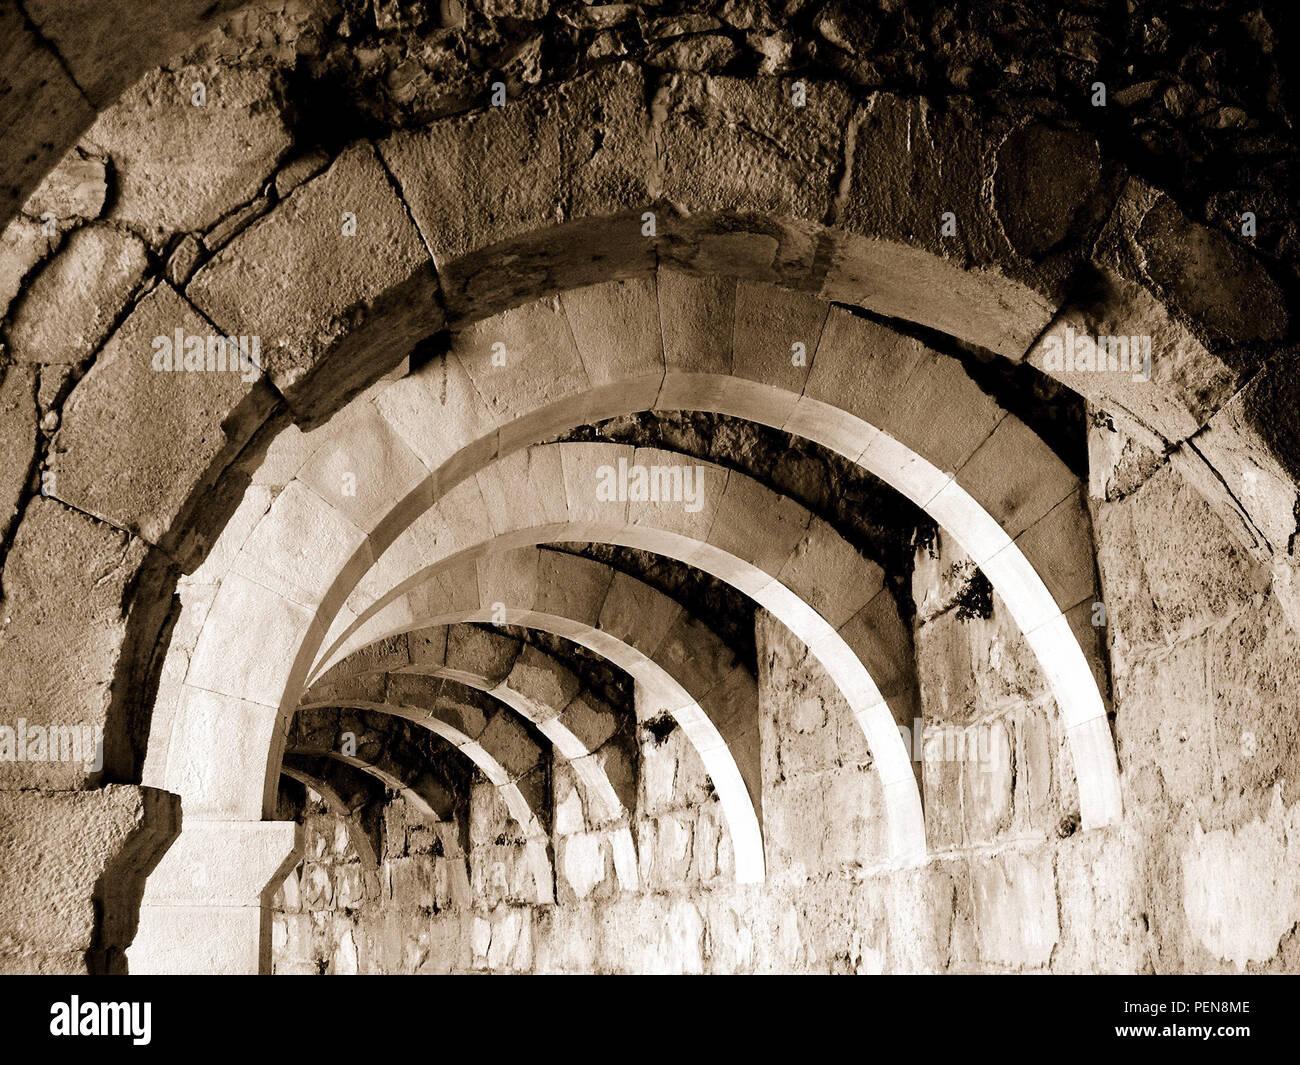 Hintereinander gebaute Rundbögen einer Ruine in Sepia - Stock Image